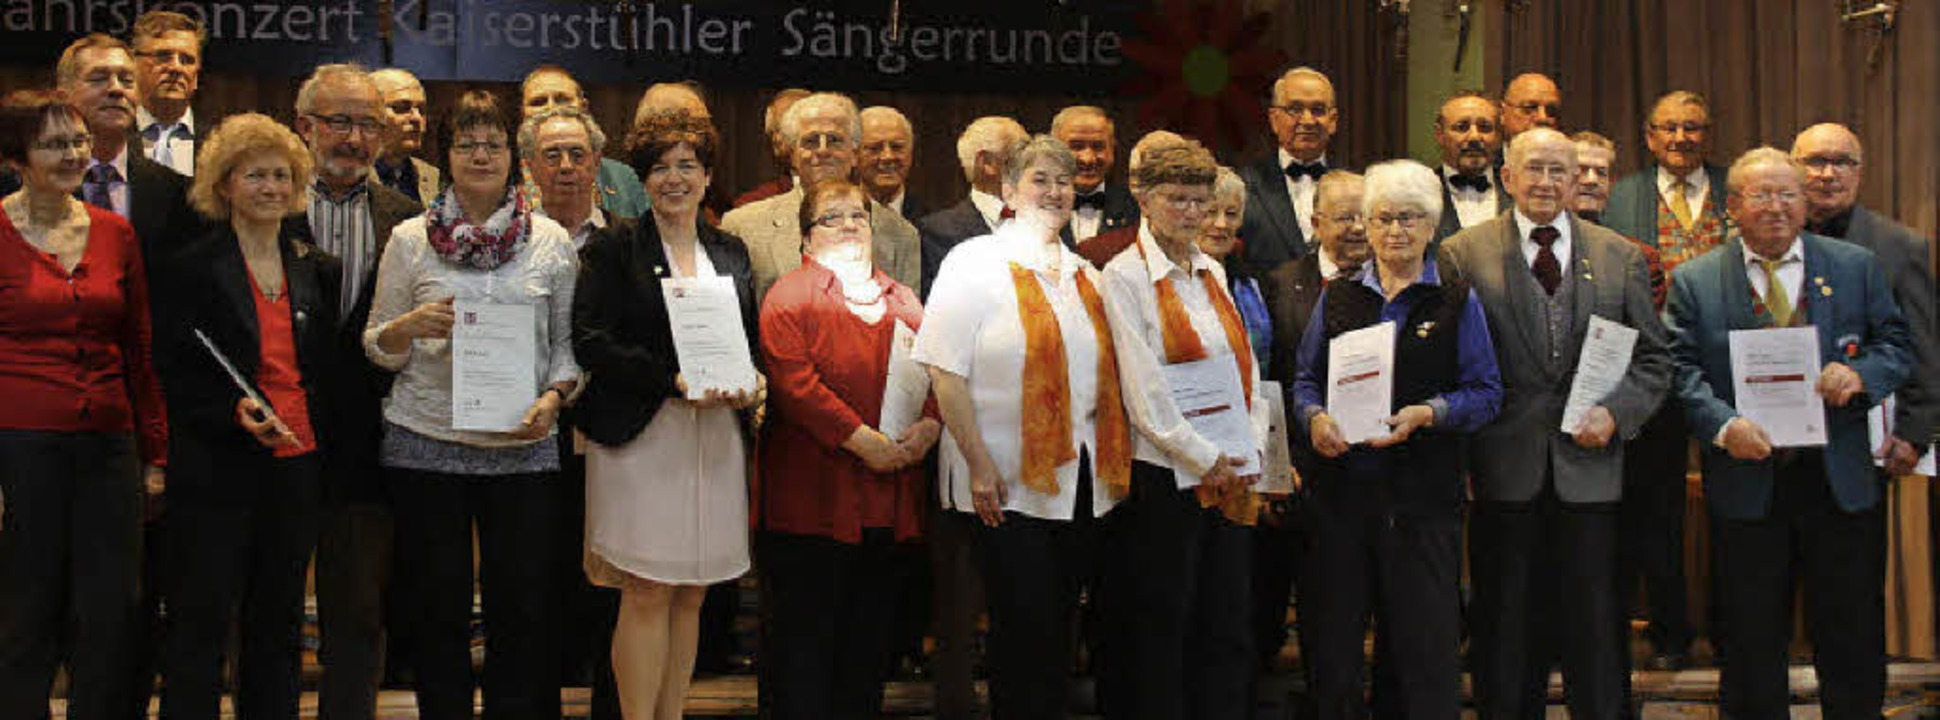 Die Geehrten der Kaiserstühler Sängerr... Vorstand des Breisgauer Sängerbundes.    Foto: Christiane Franz